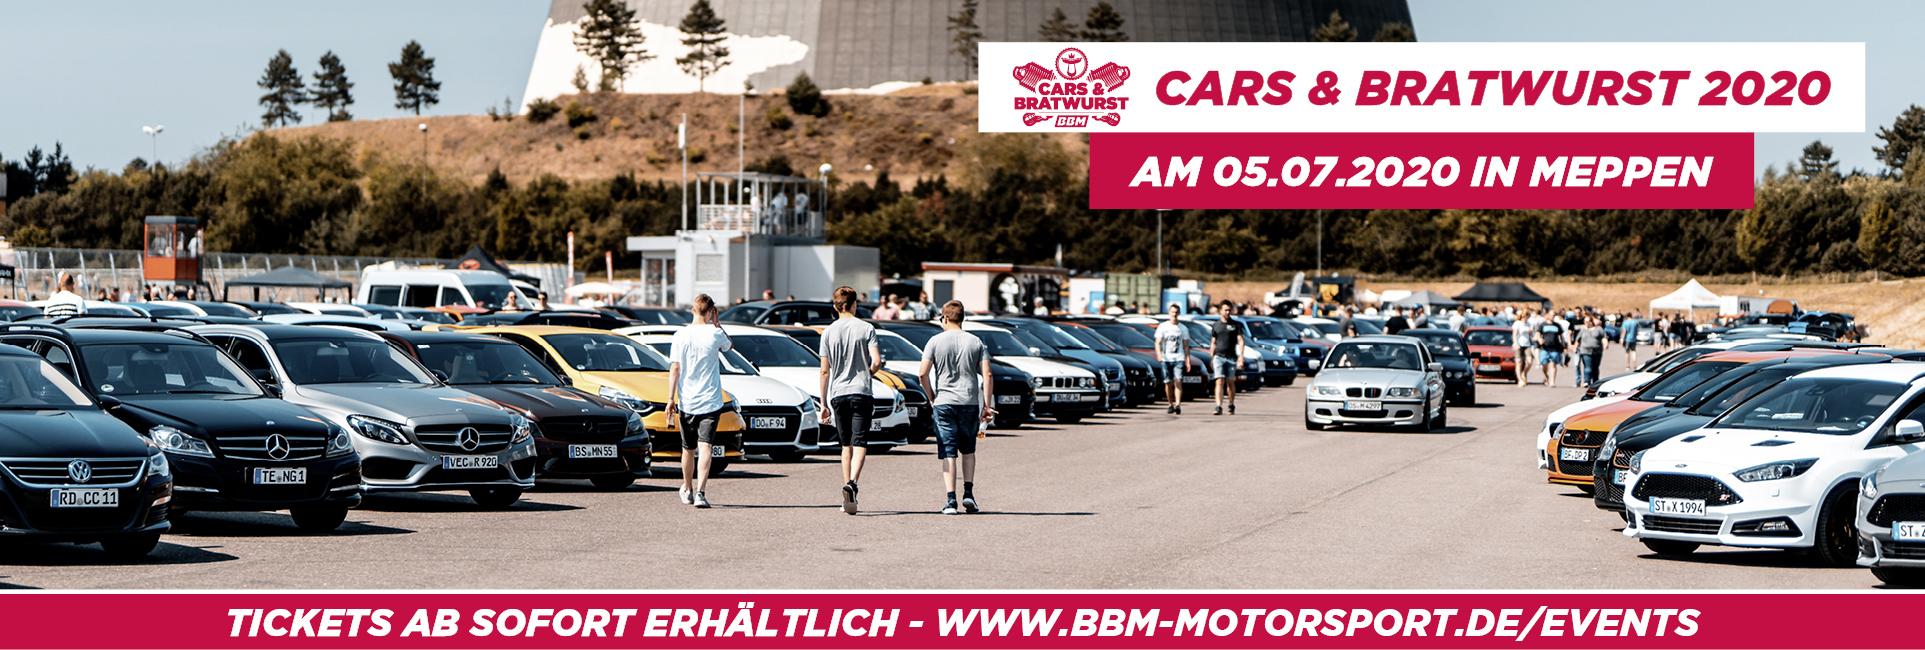 Cars & Bratwurst 2020 am 05.07.20 , JETZT Ticket sichern!